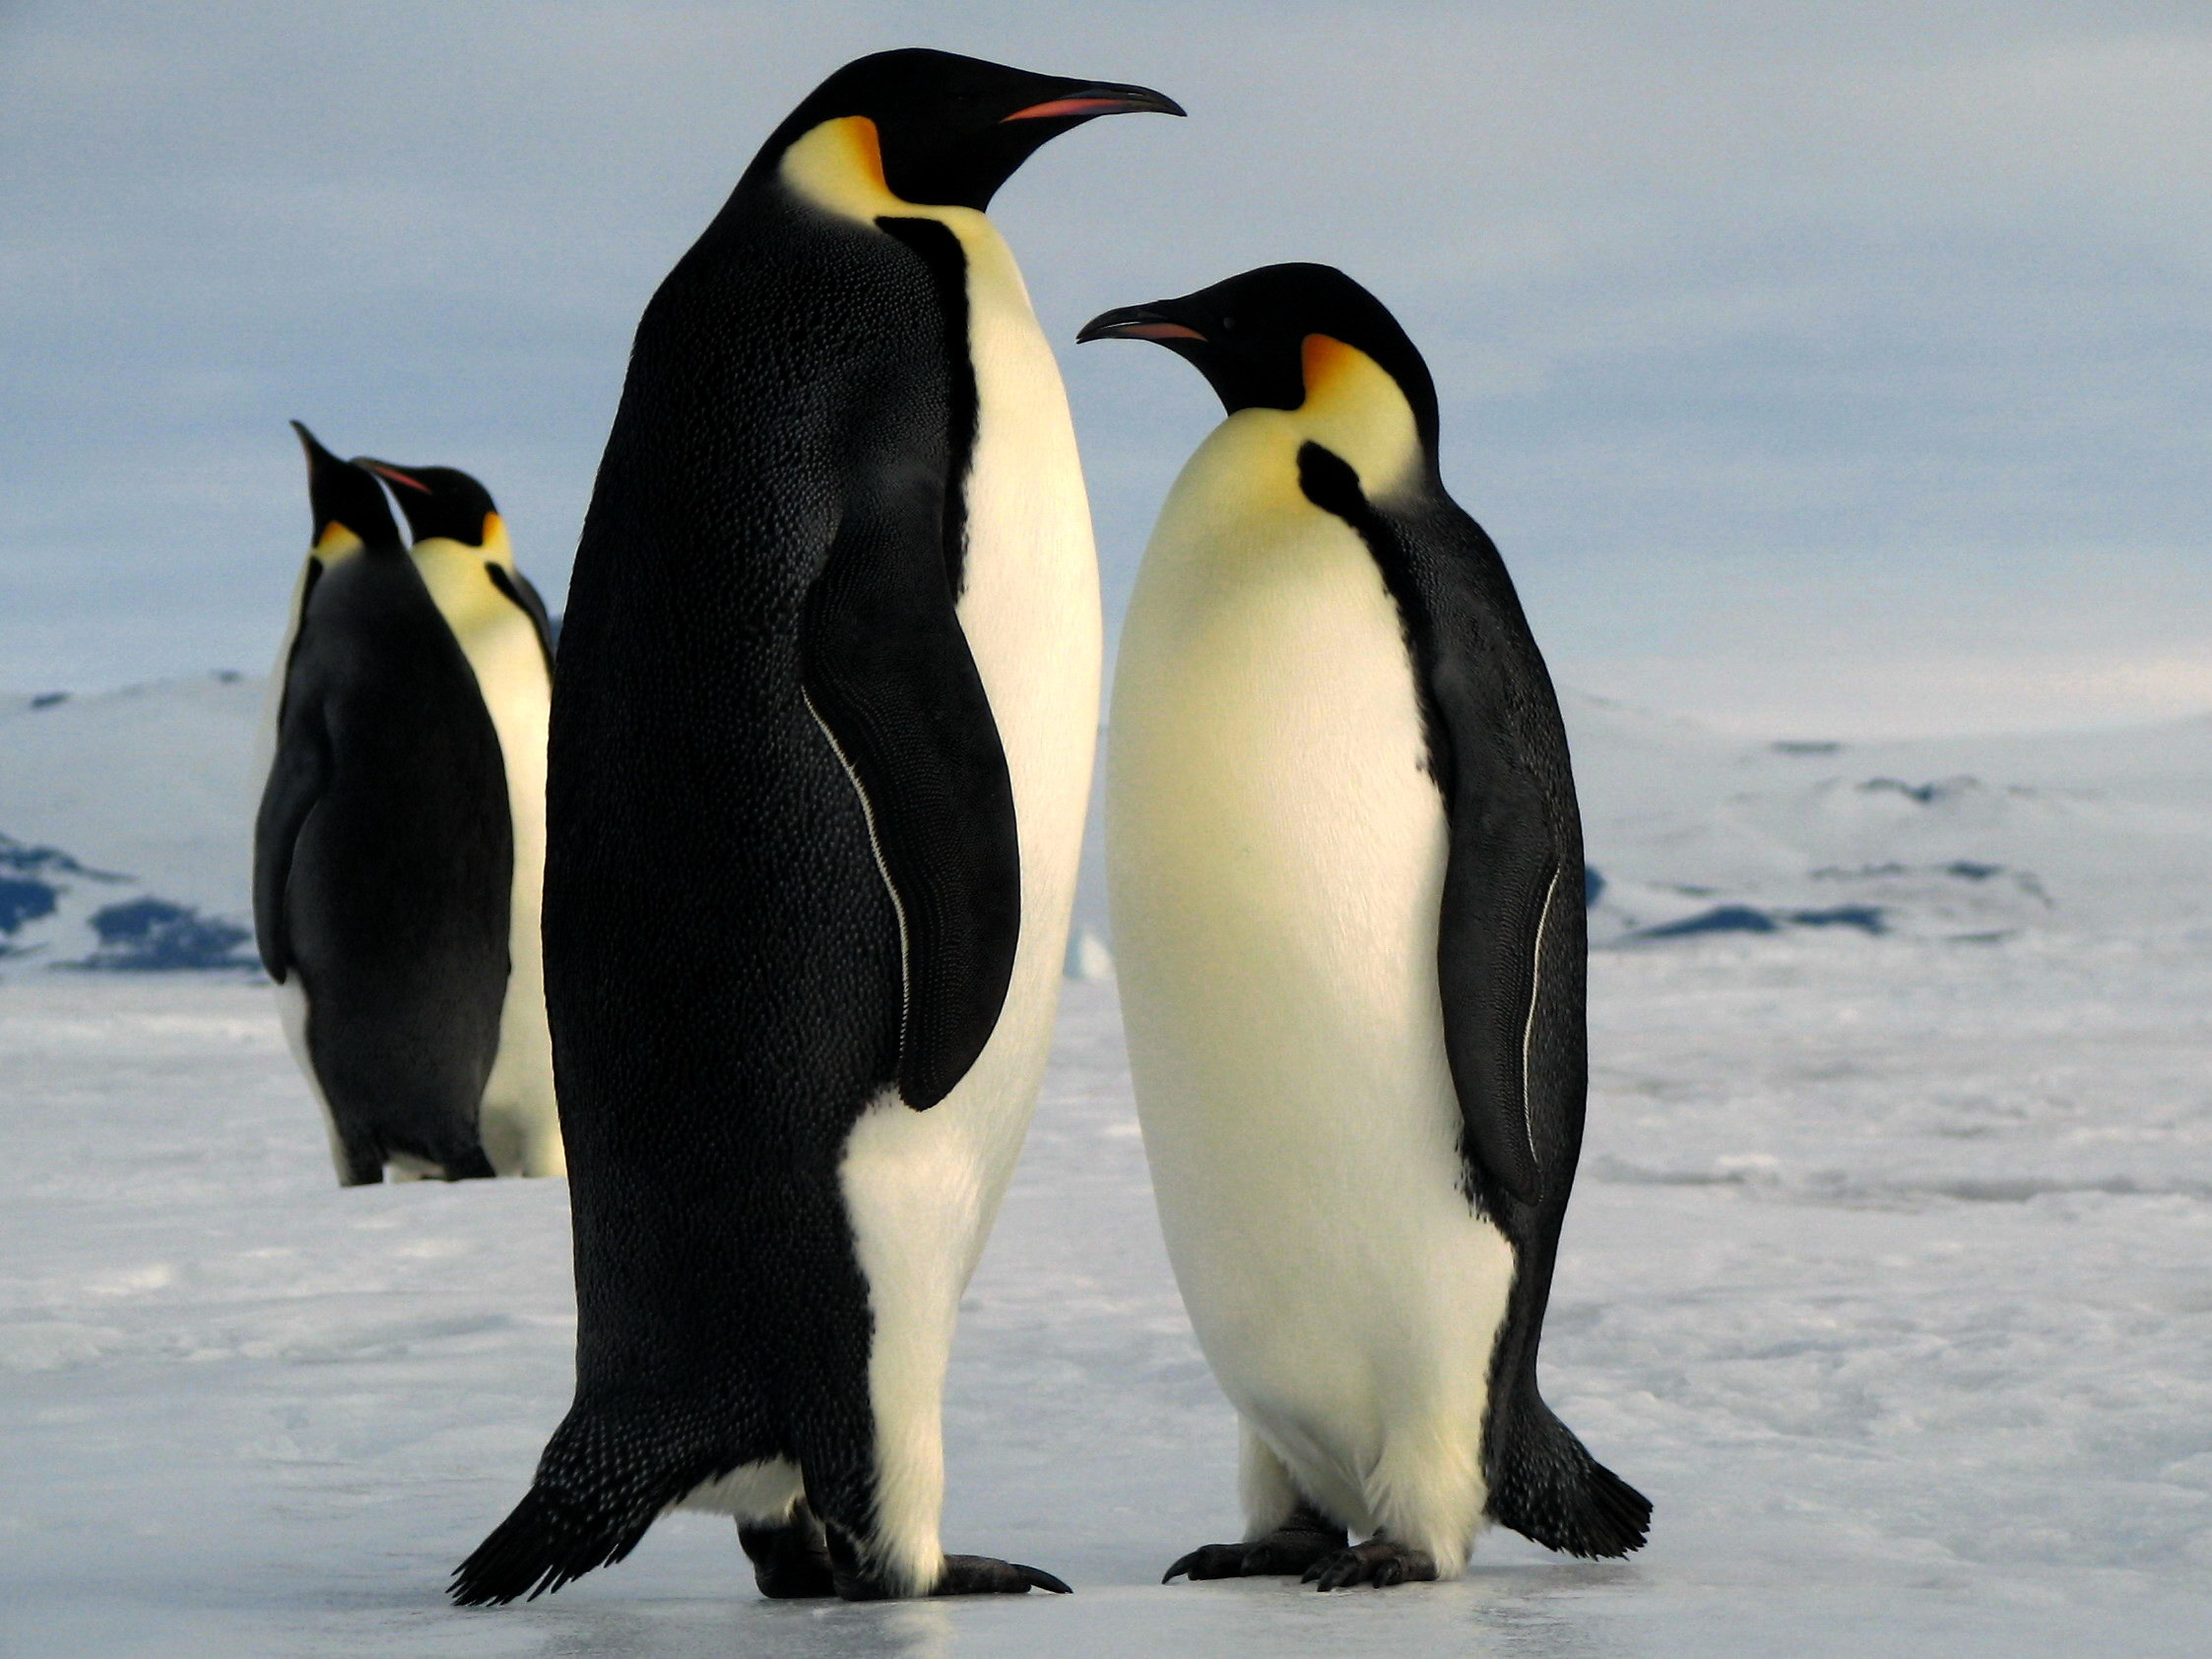 Cute Baby Penguins In Love